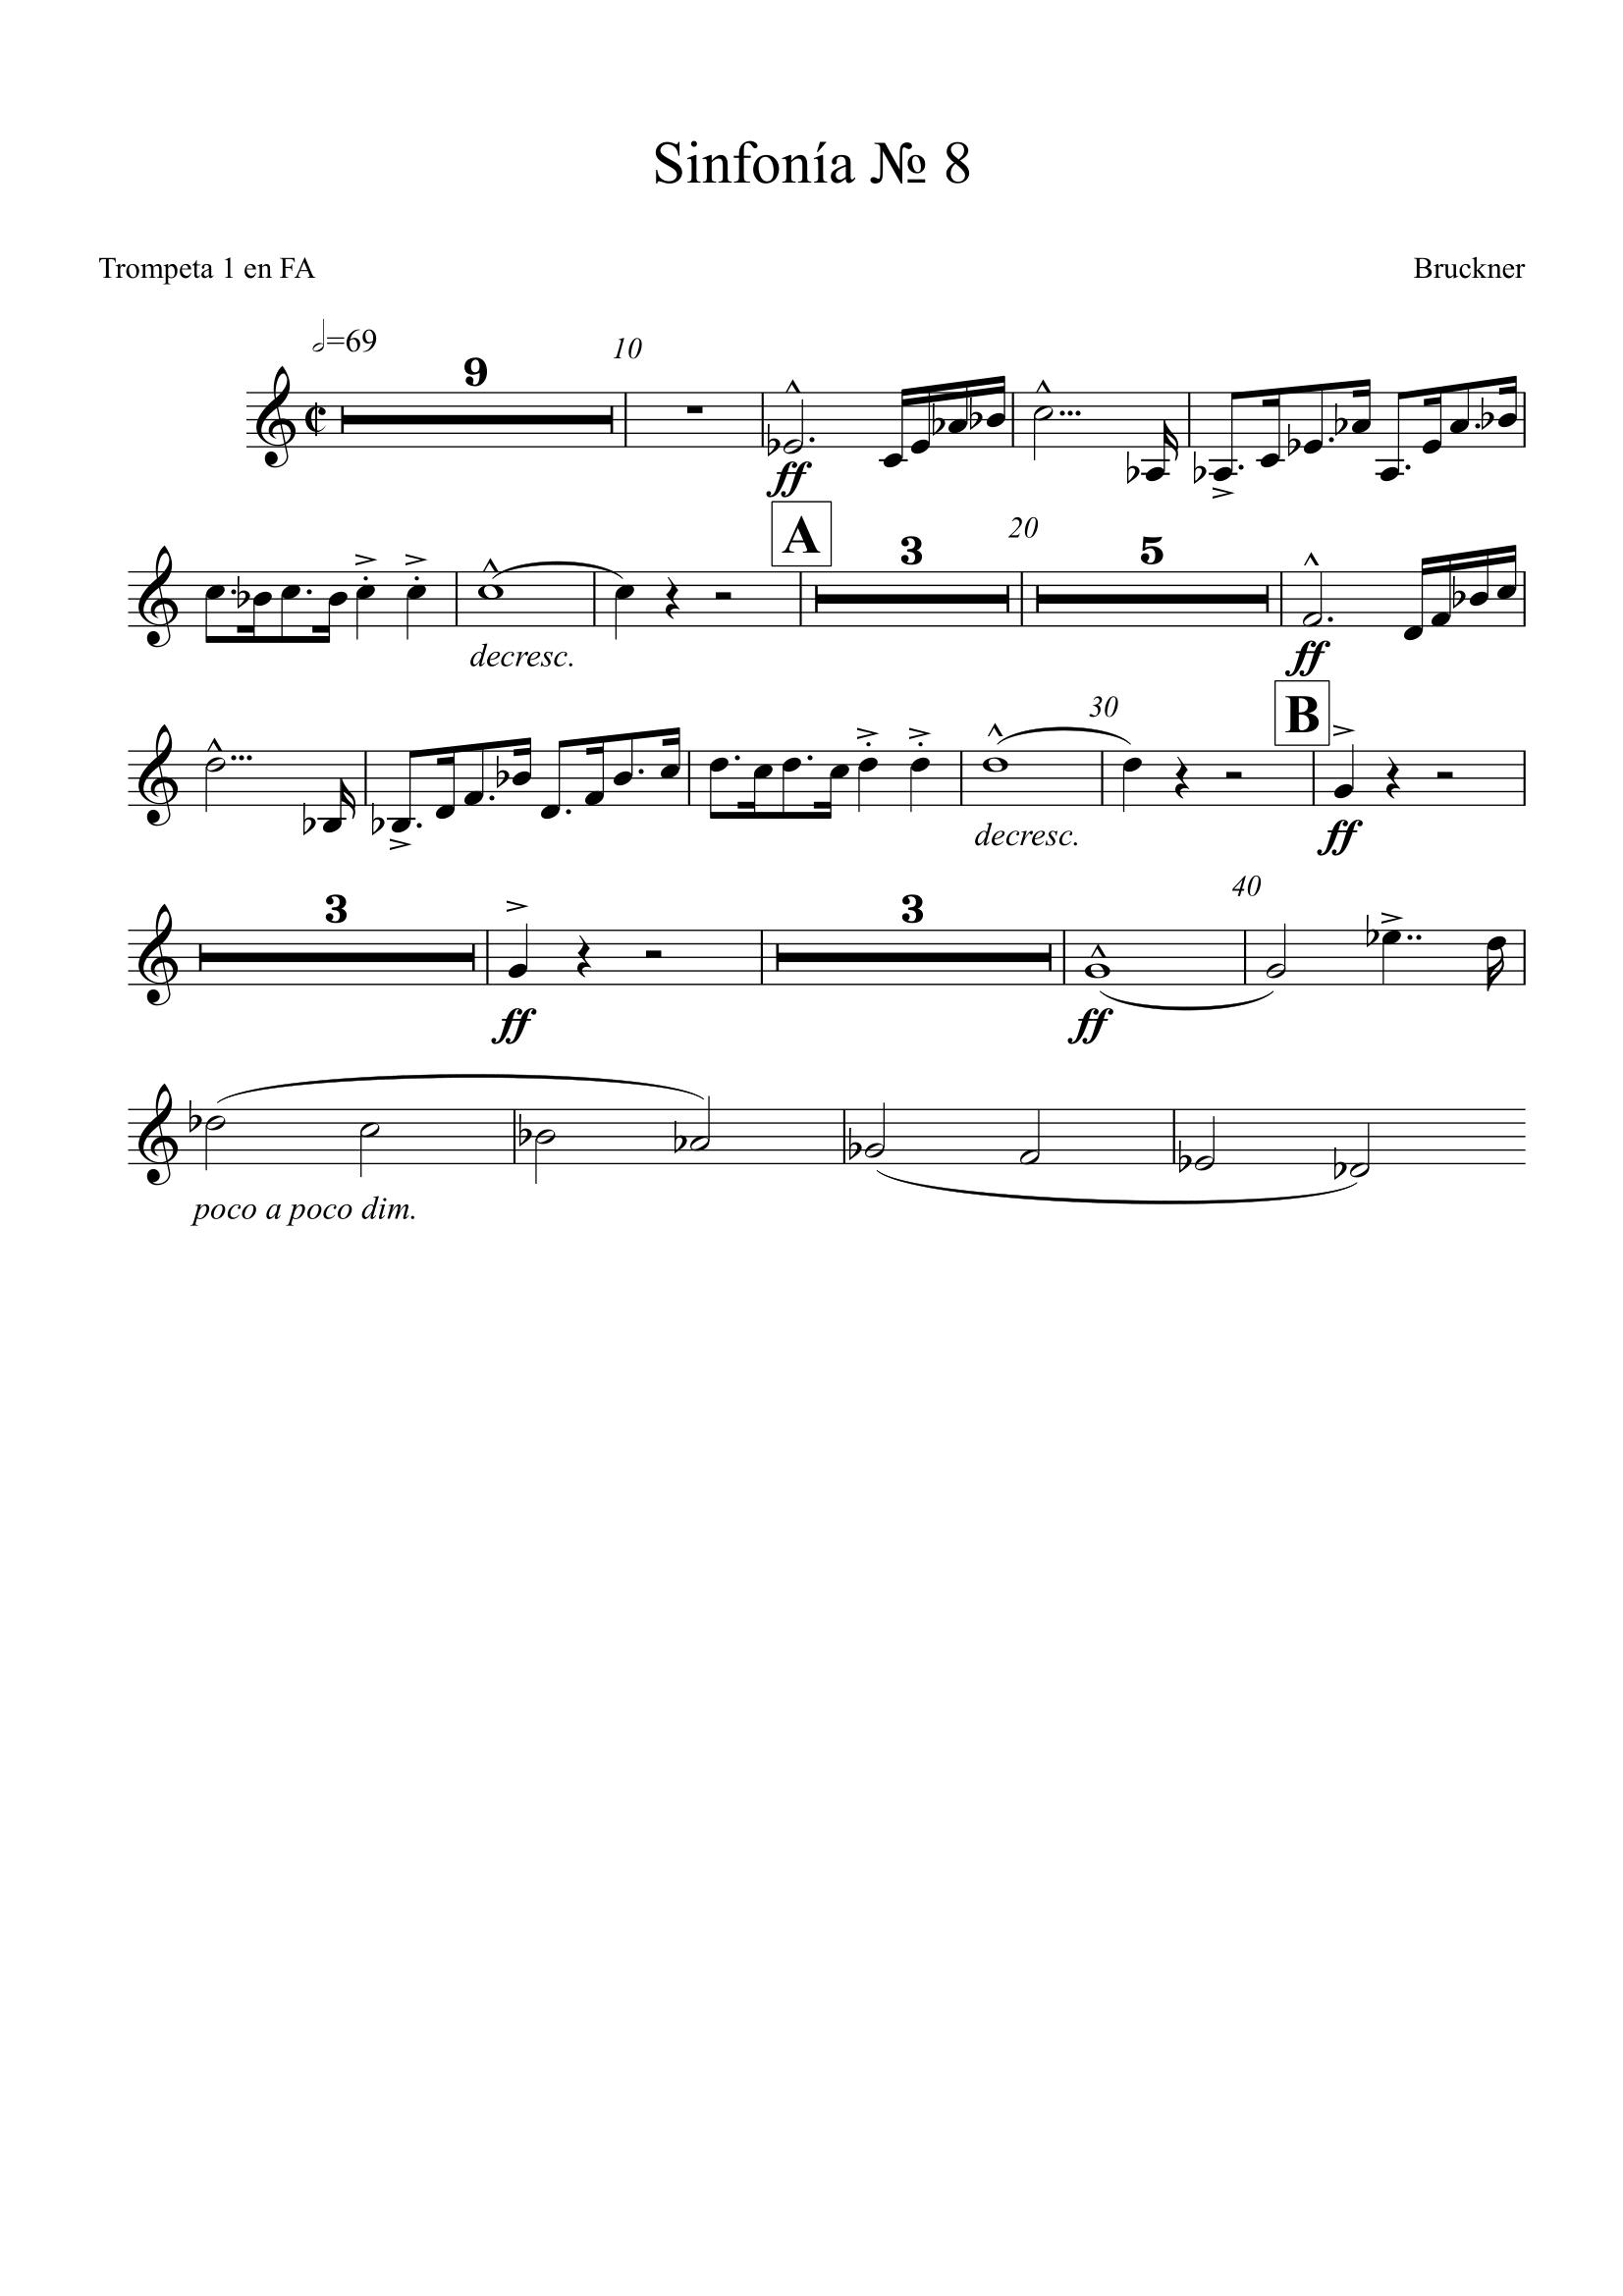 Bruckner-Sinfonia-8-1